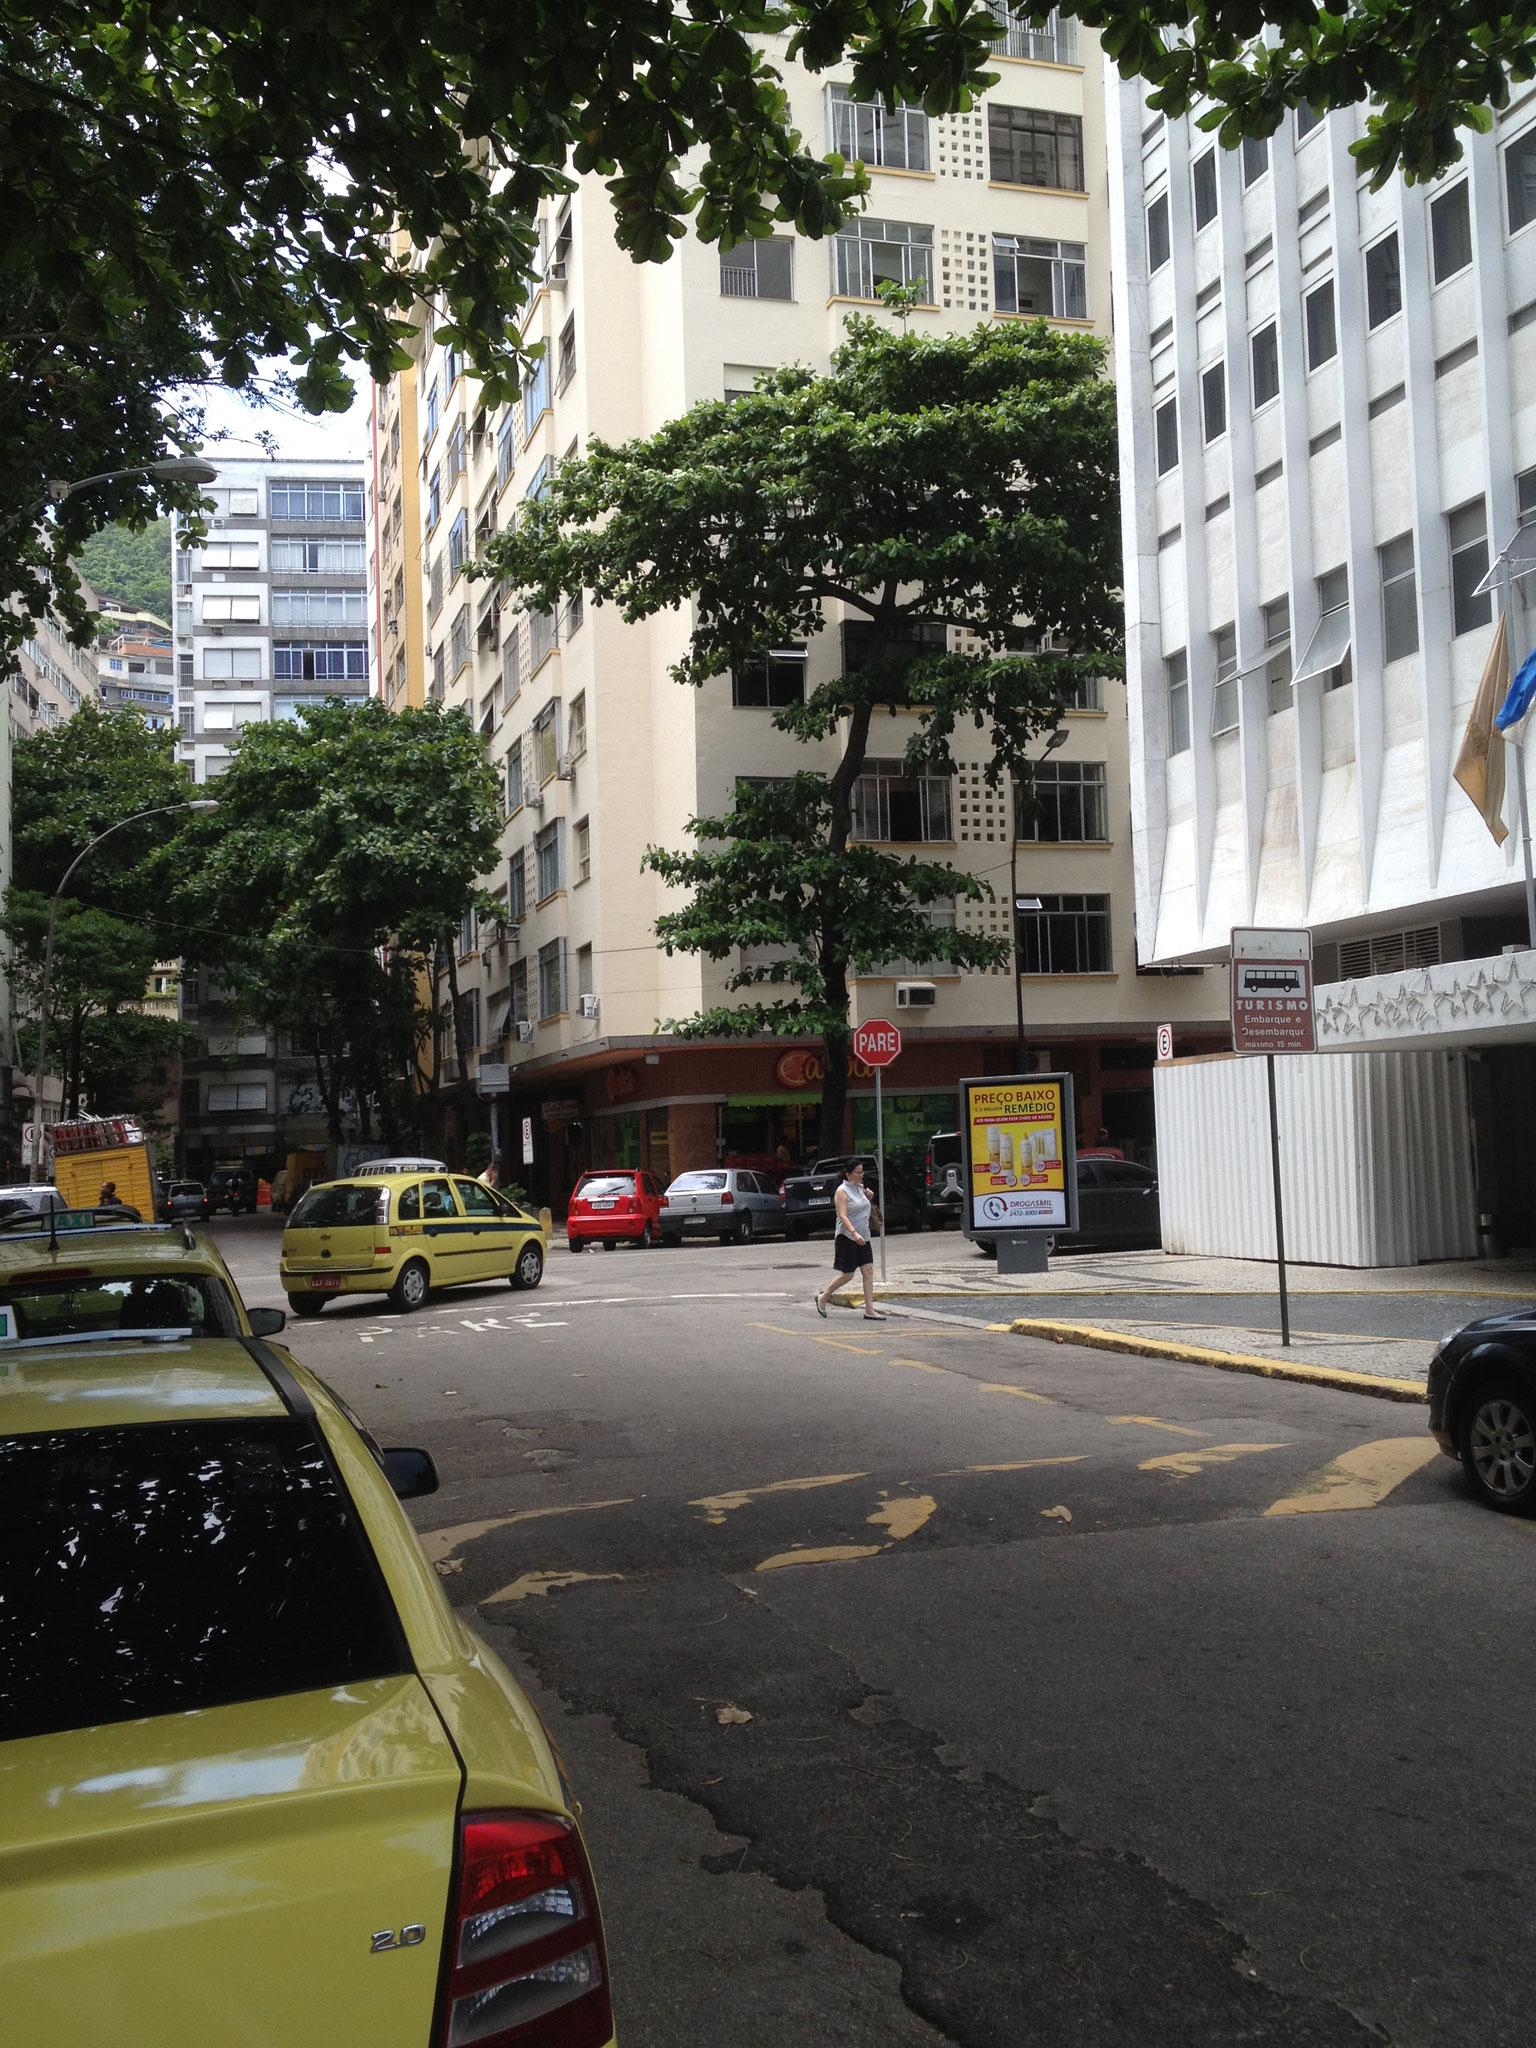 Gebäude der Whg und Leme Palace Hotel